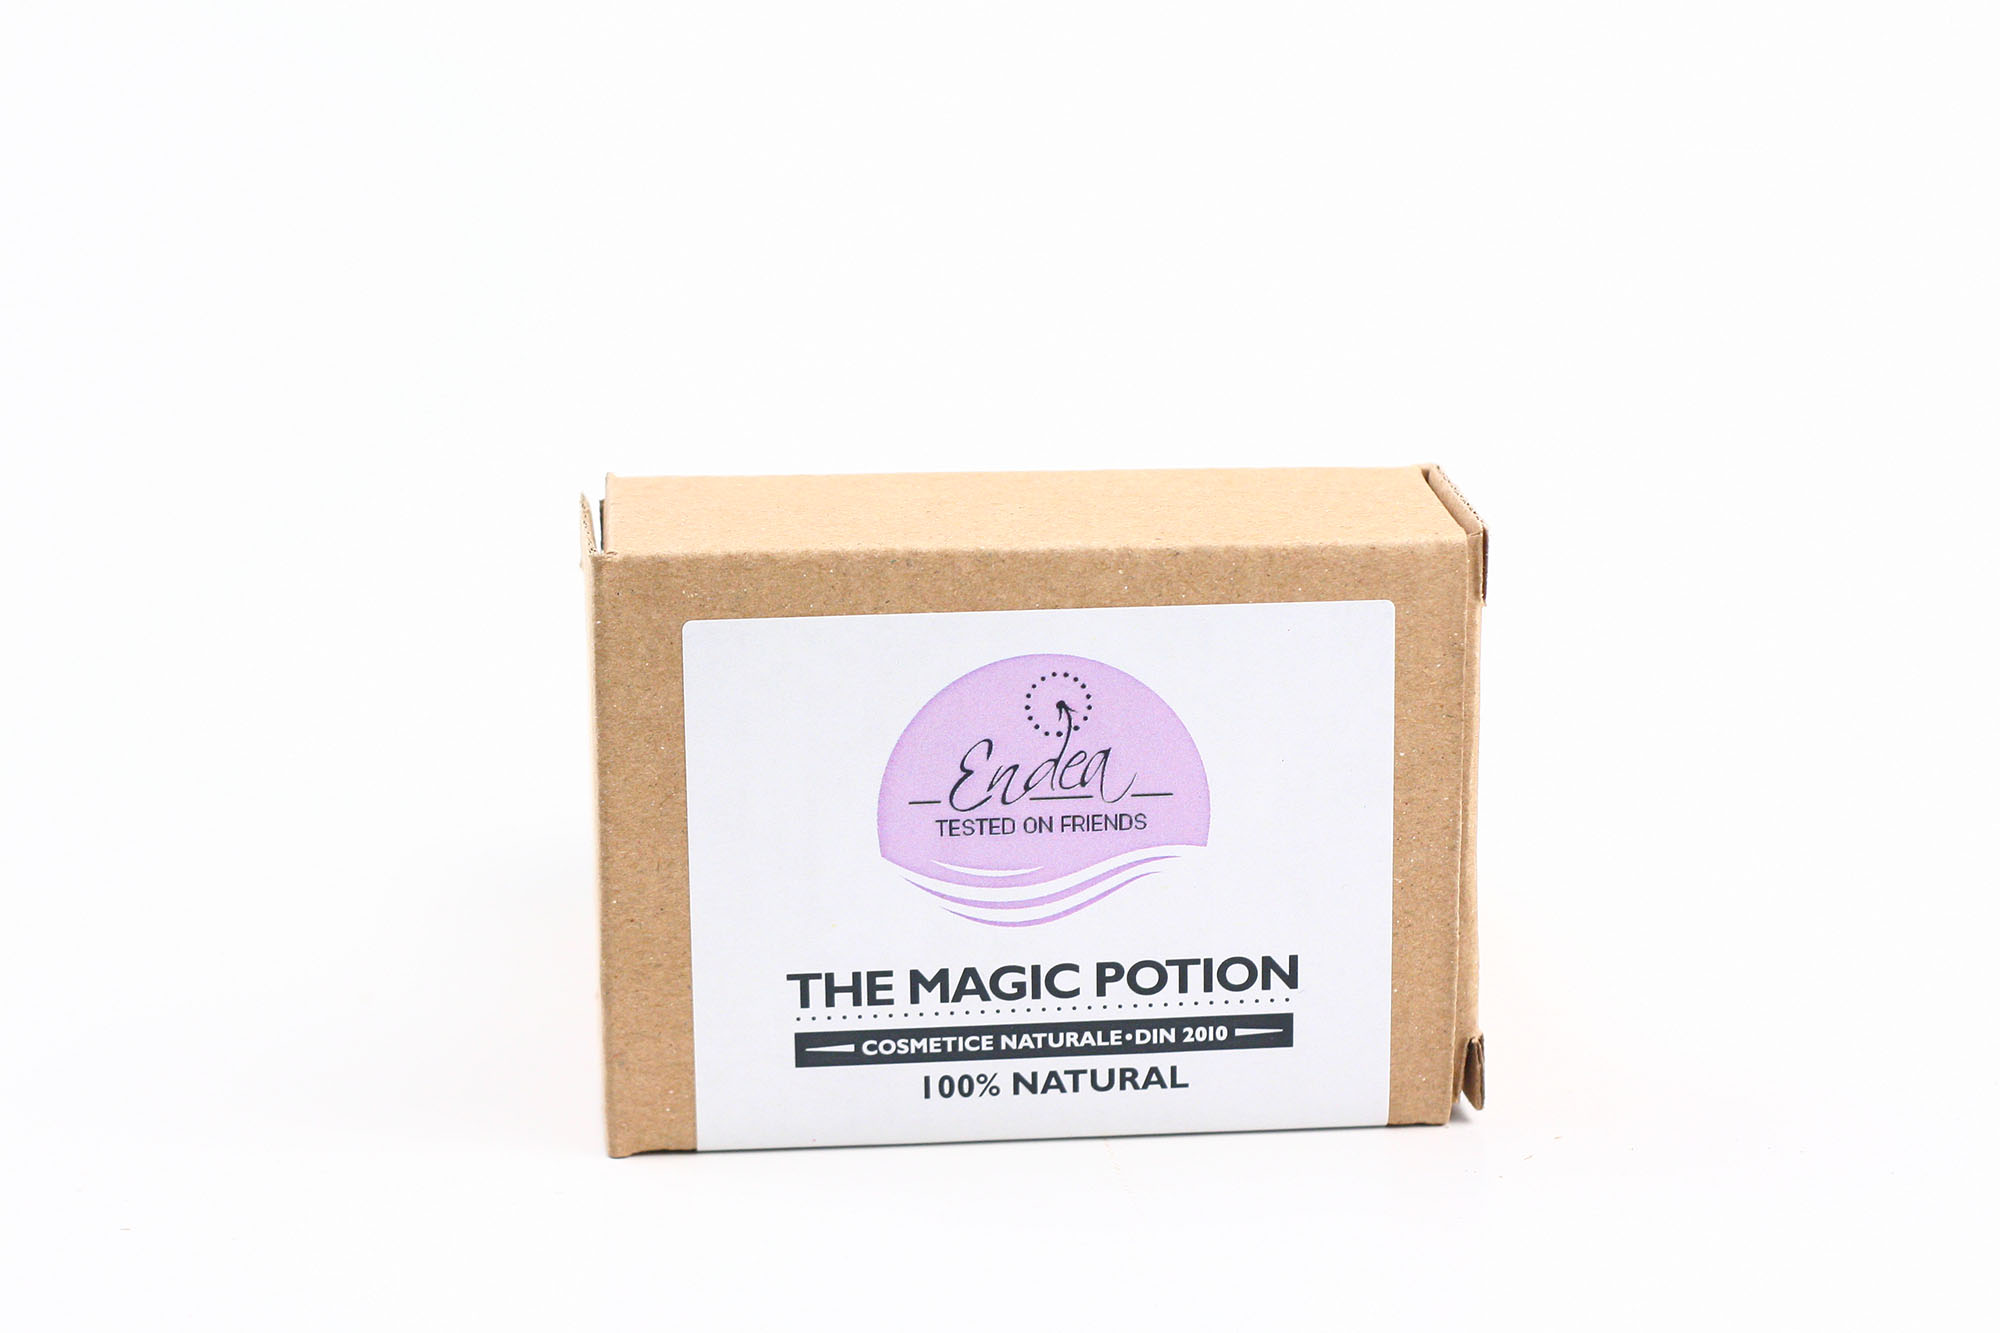 Săpun magic cu mirodenii şi cafea - The Magic Potion | Endea - Tested on friends